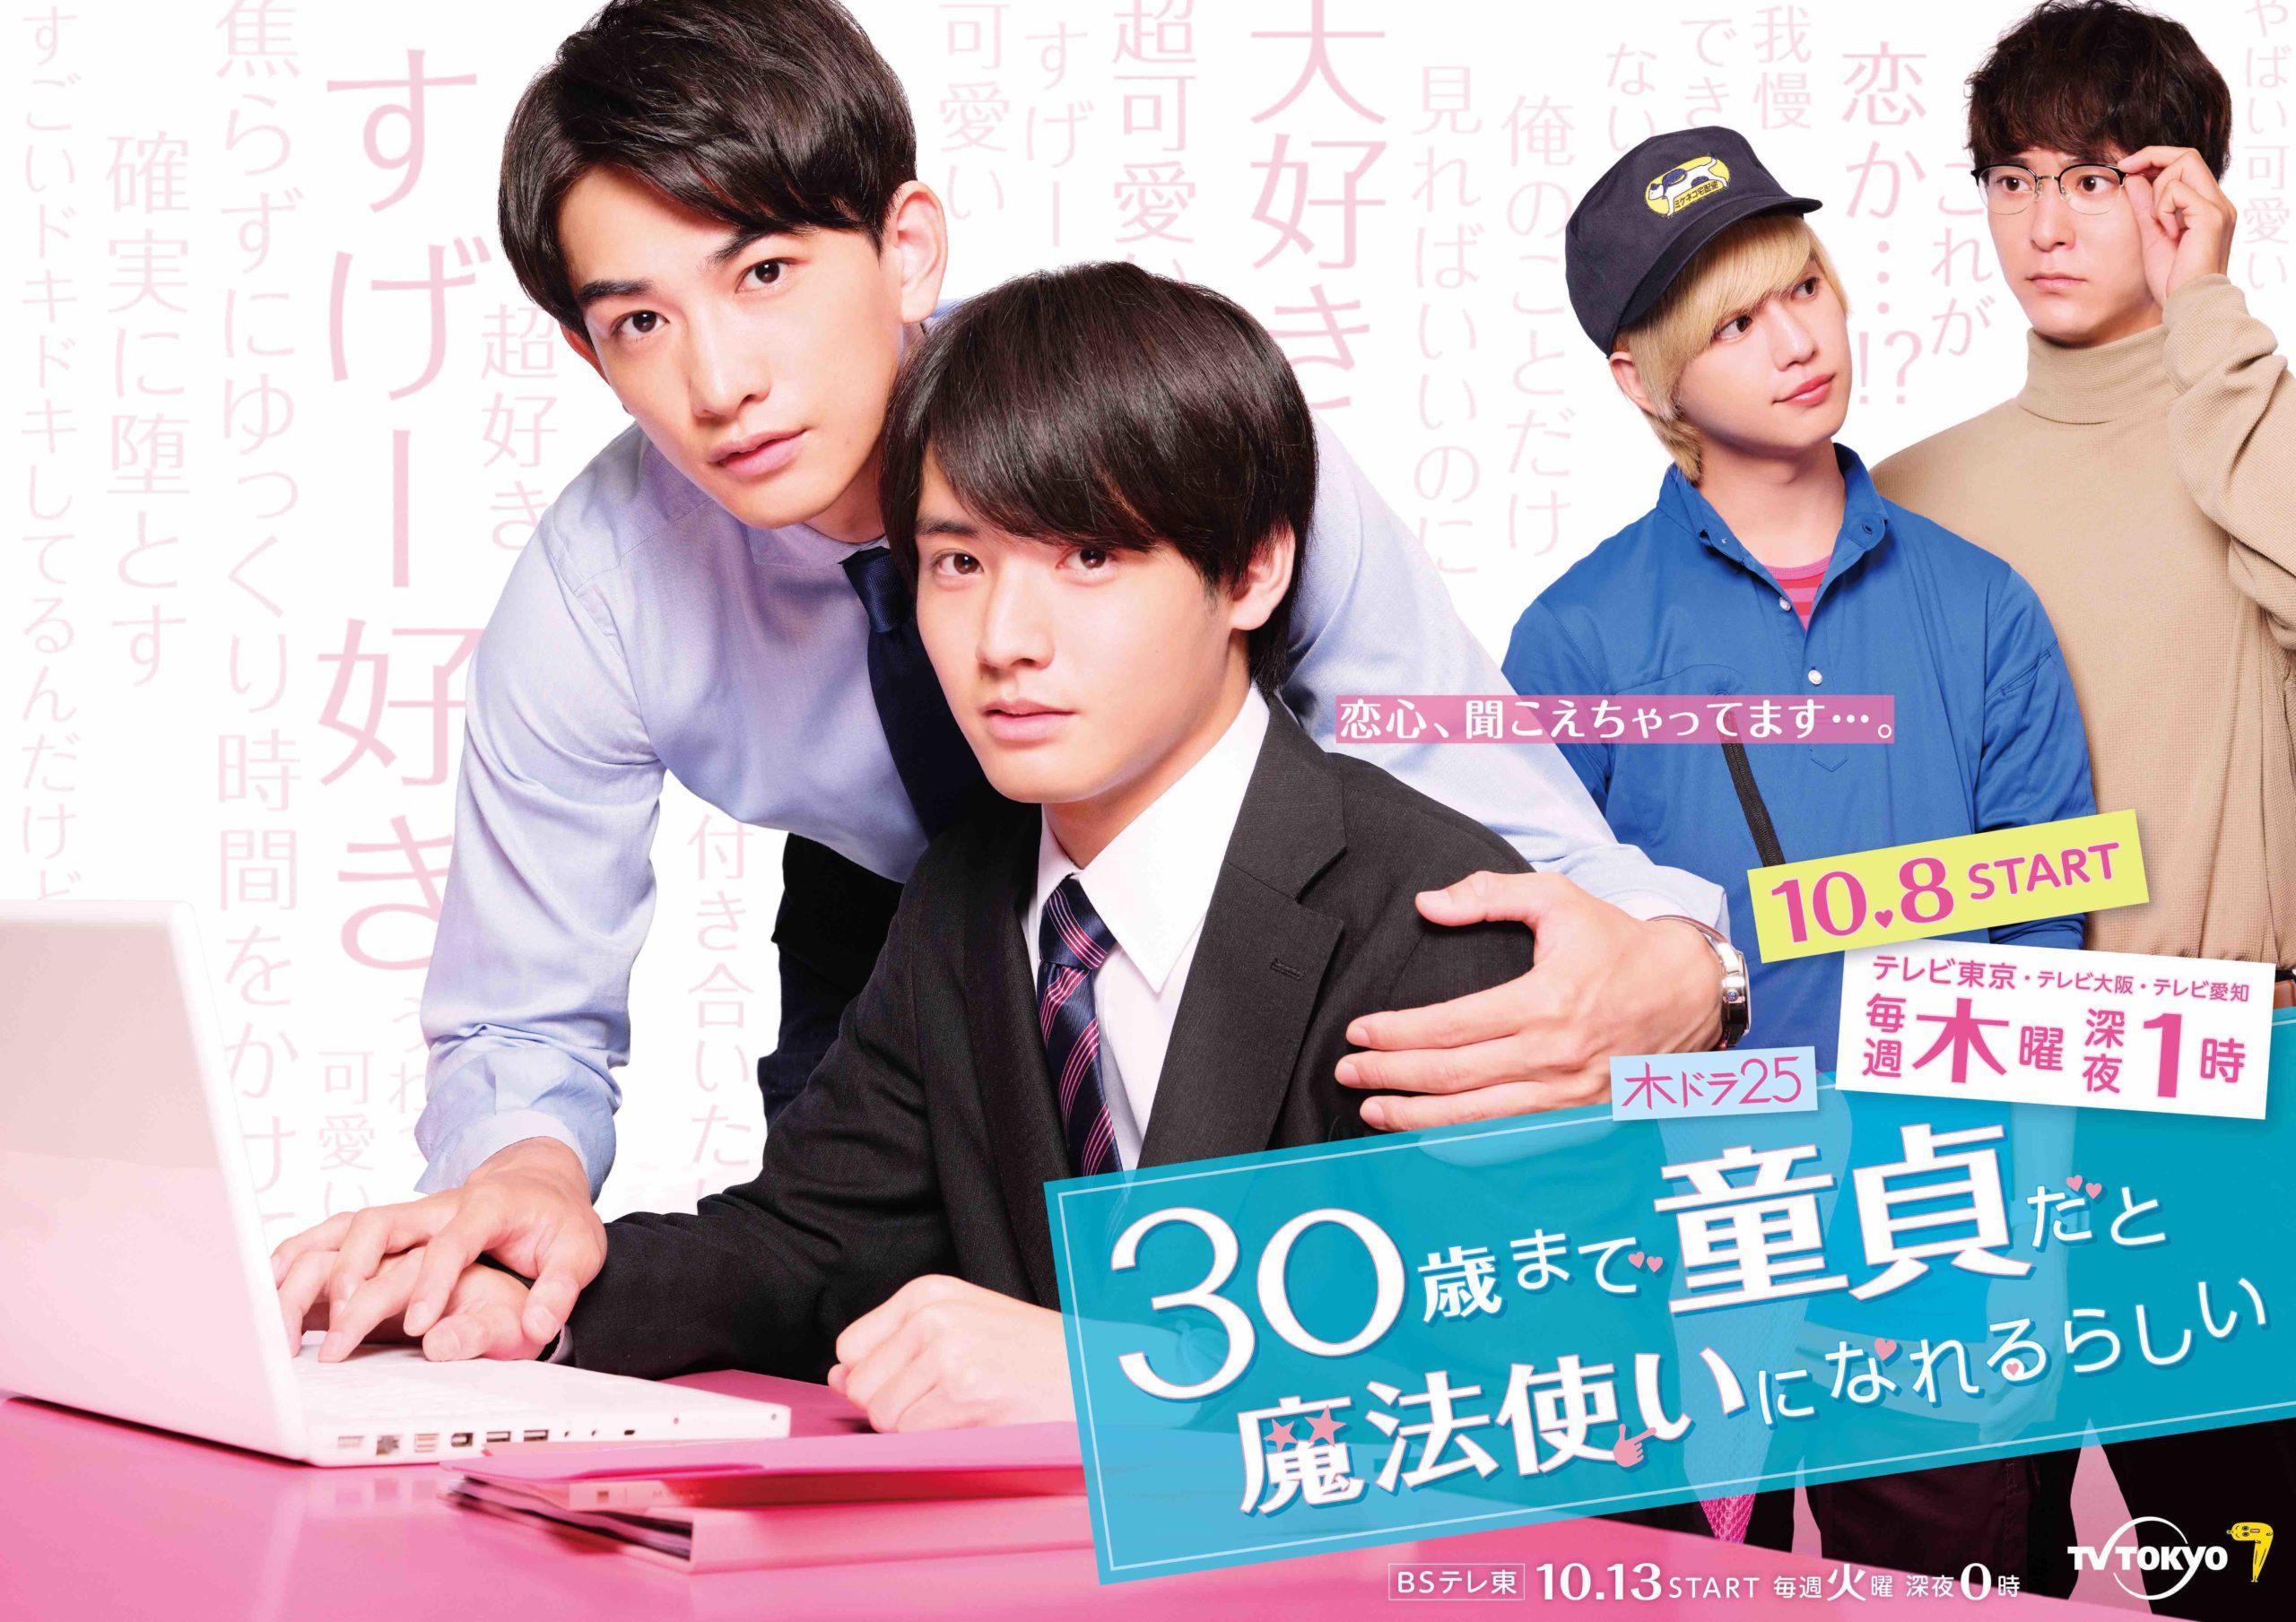 ©豊田悠/SQUARE ENIX・「30歳まで童貞だと魔法使いになれるらしい」製作委員会